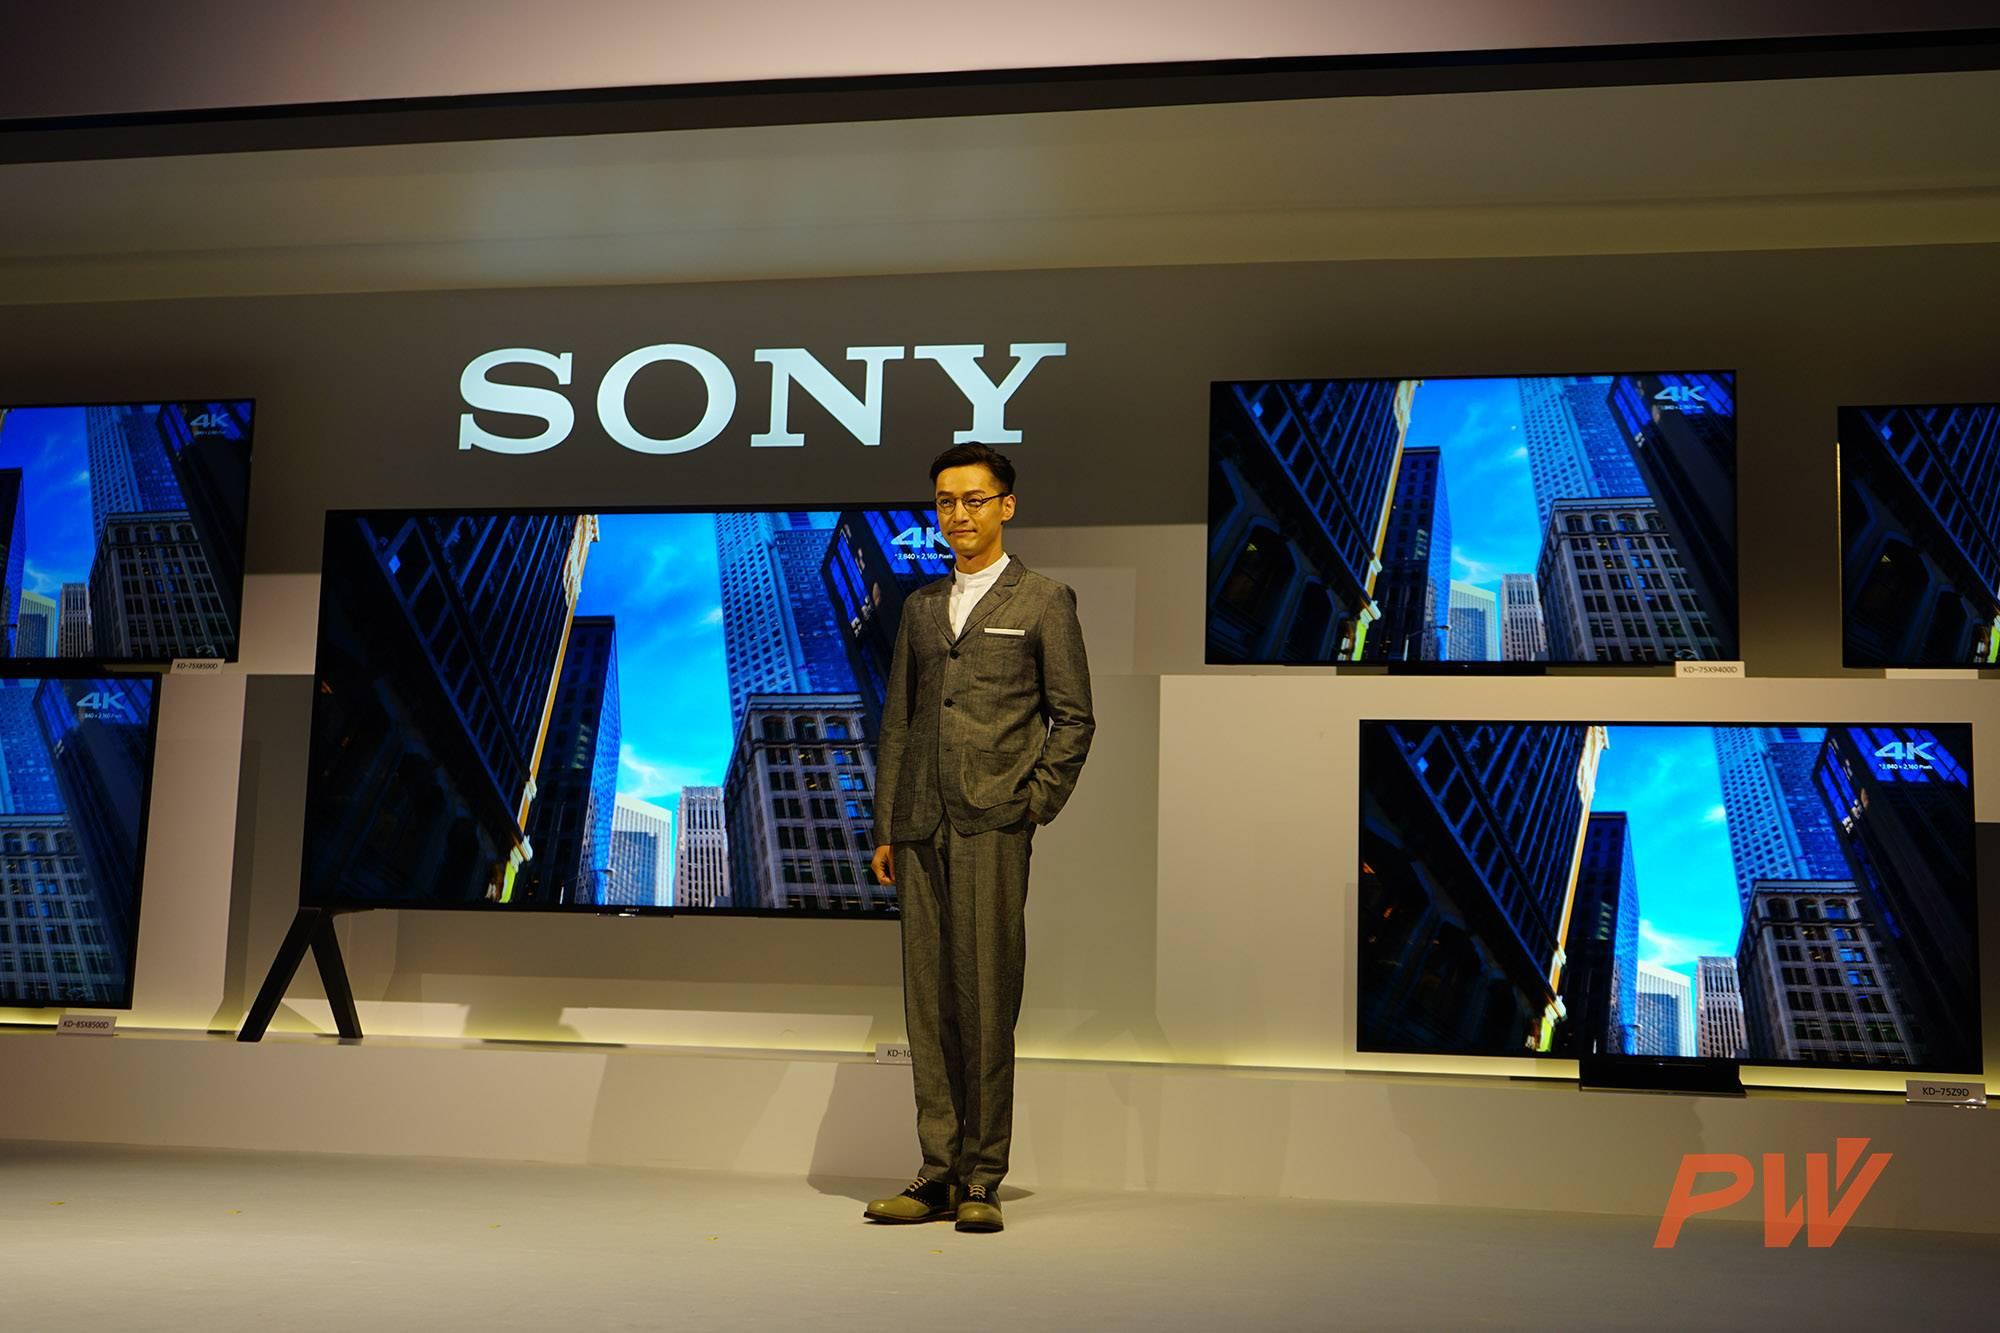 又有机会充值信仰了!索尼发布史上最大4K HDR电视-PingWest 品玩